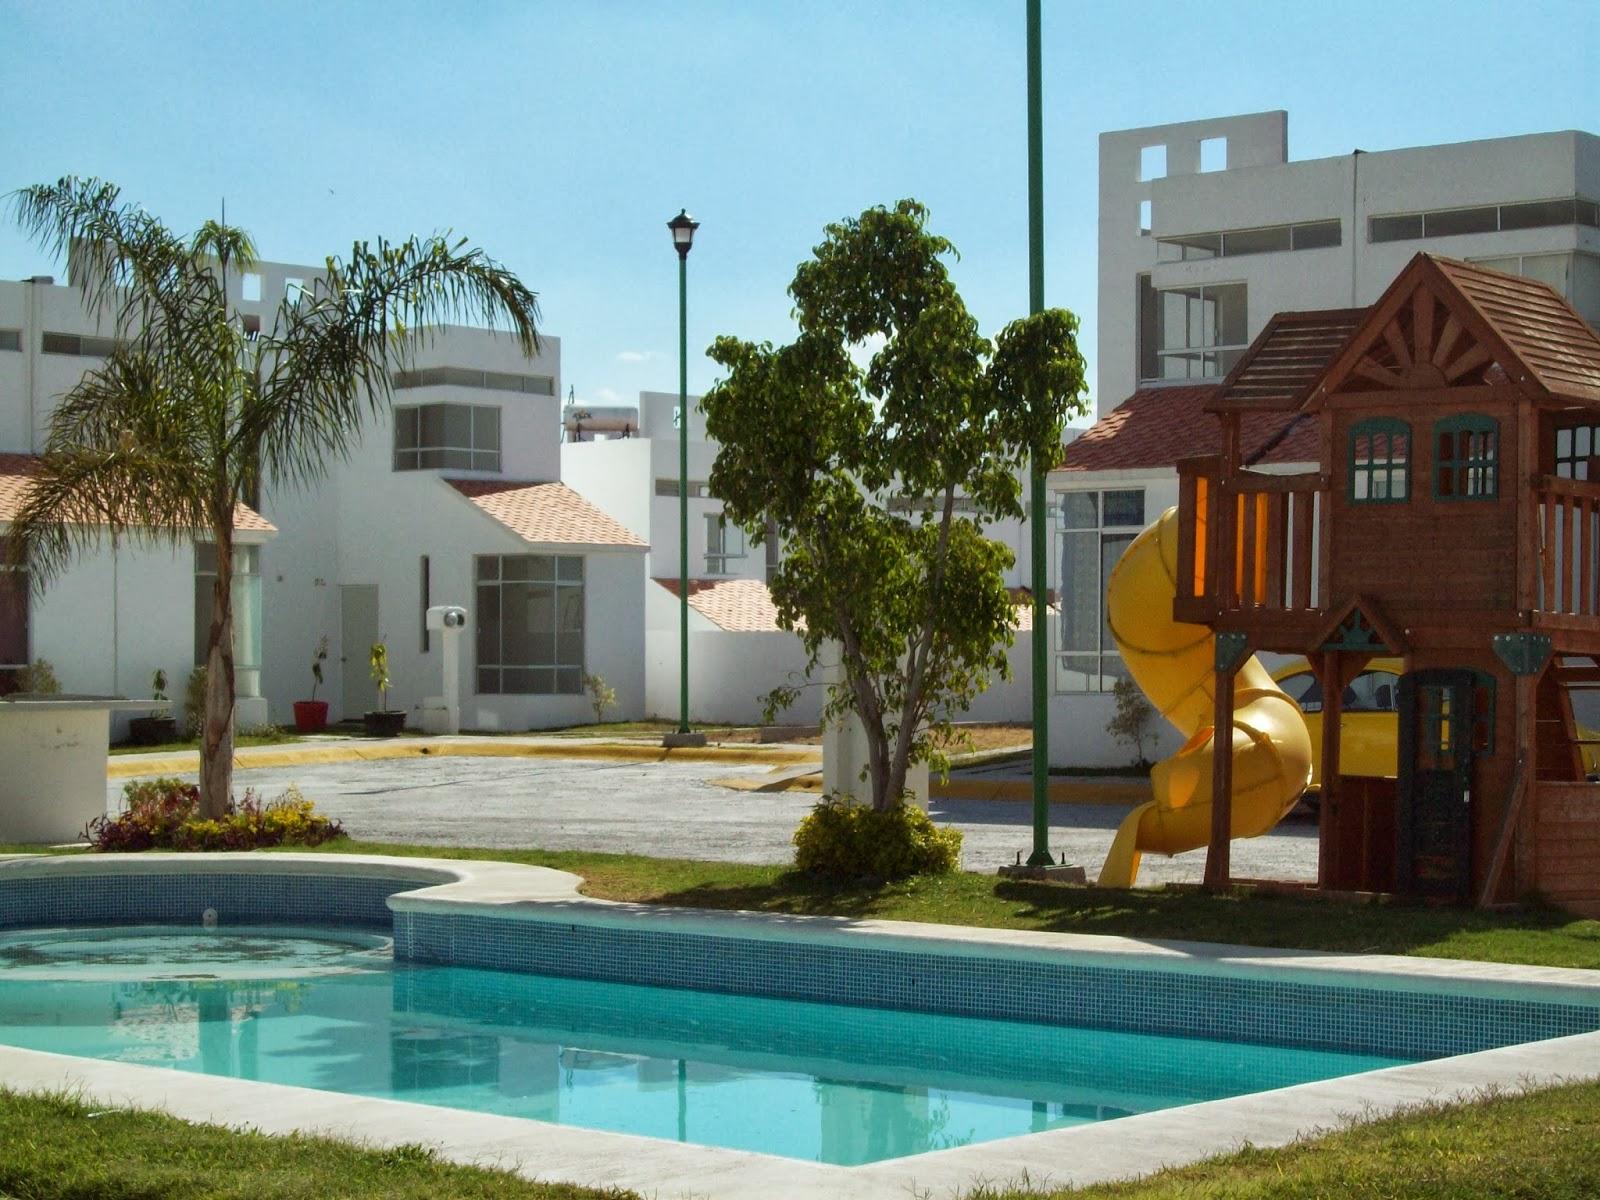 Las villas residencial en cuautla morelos casas con for Villas residencial cuautla